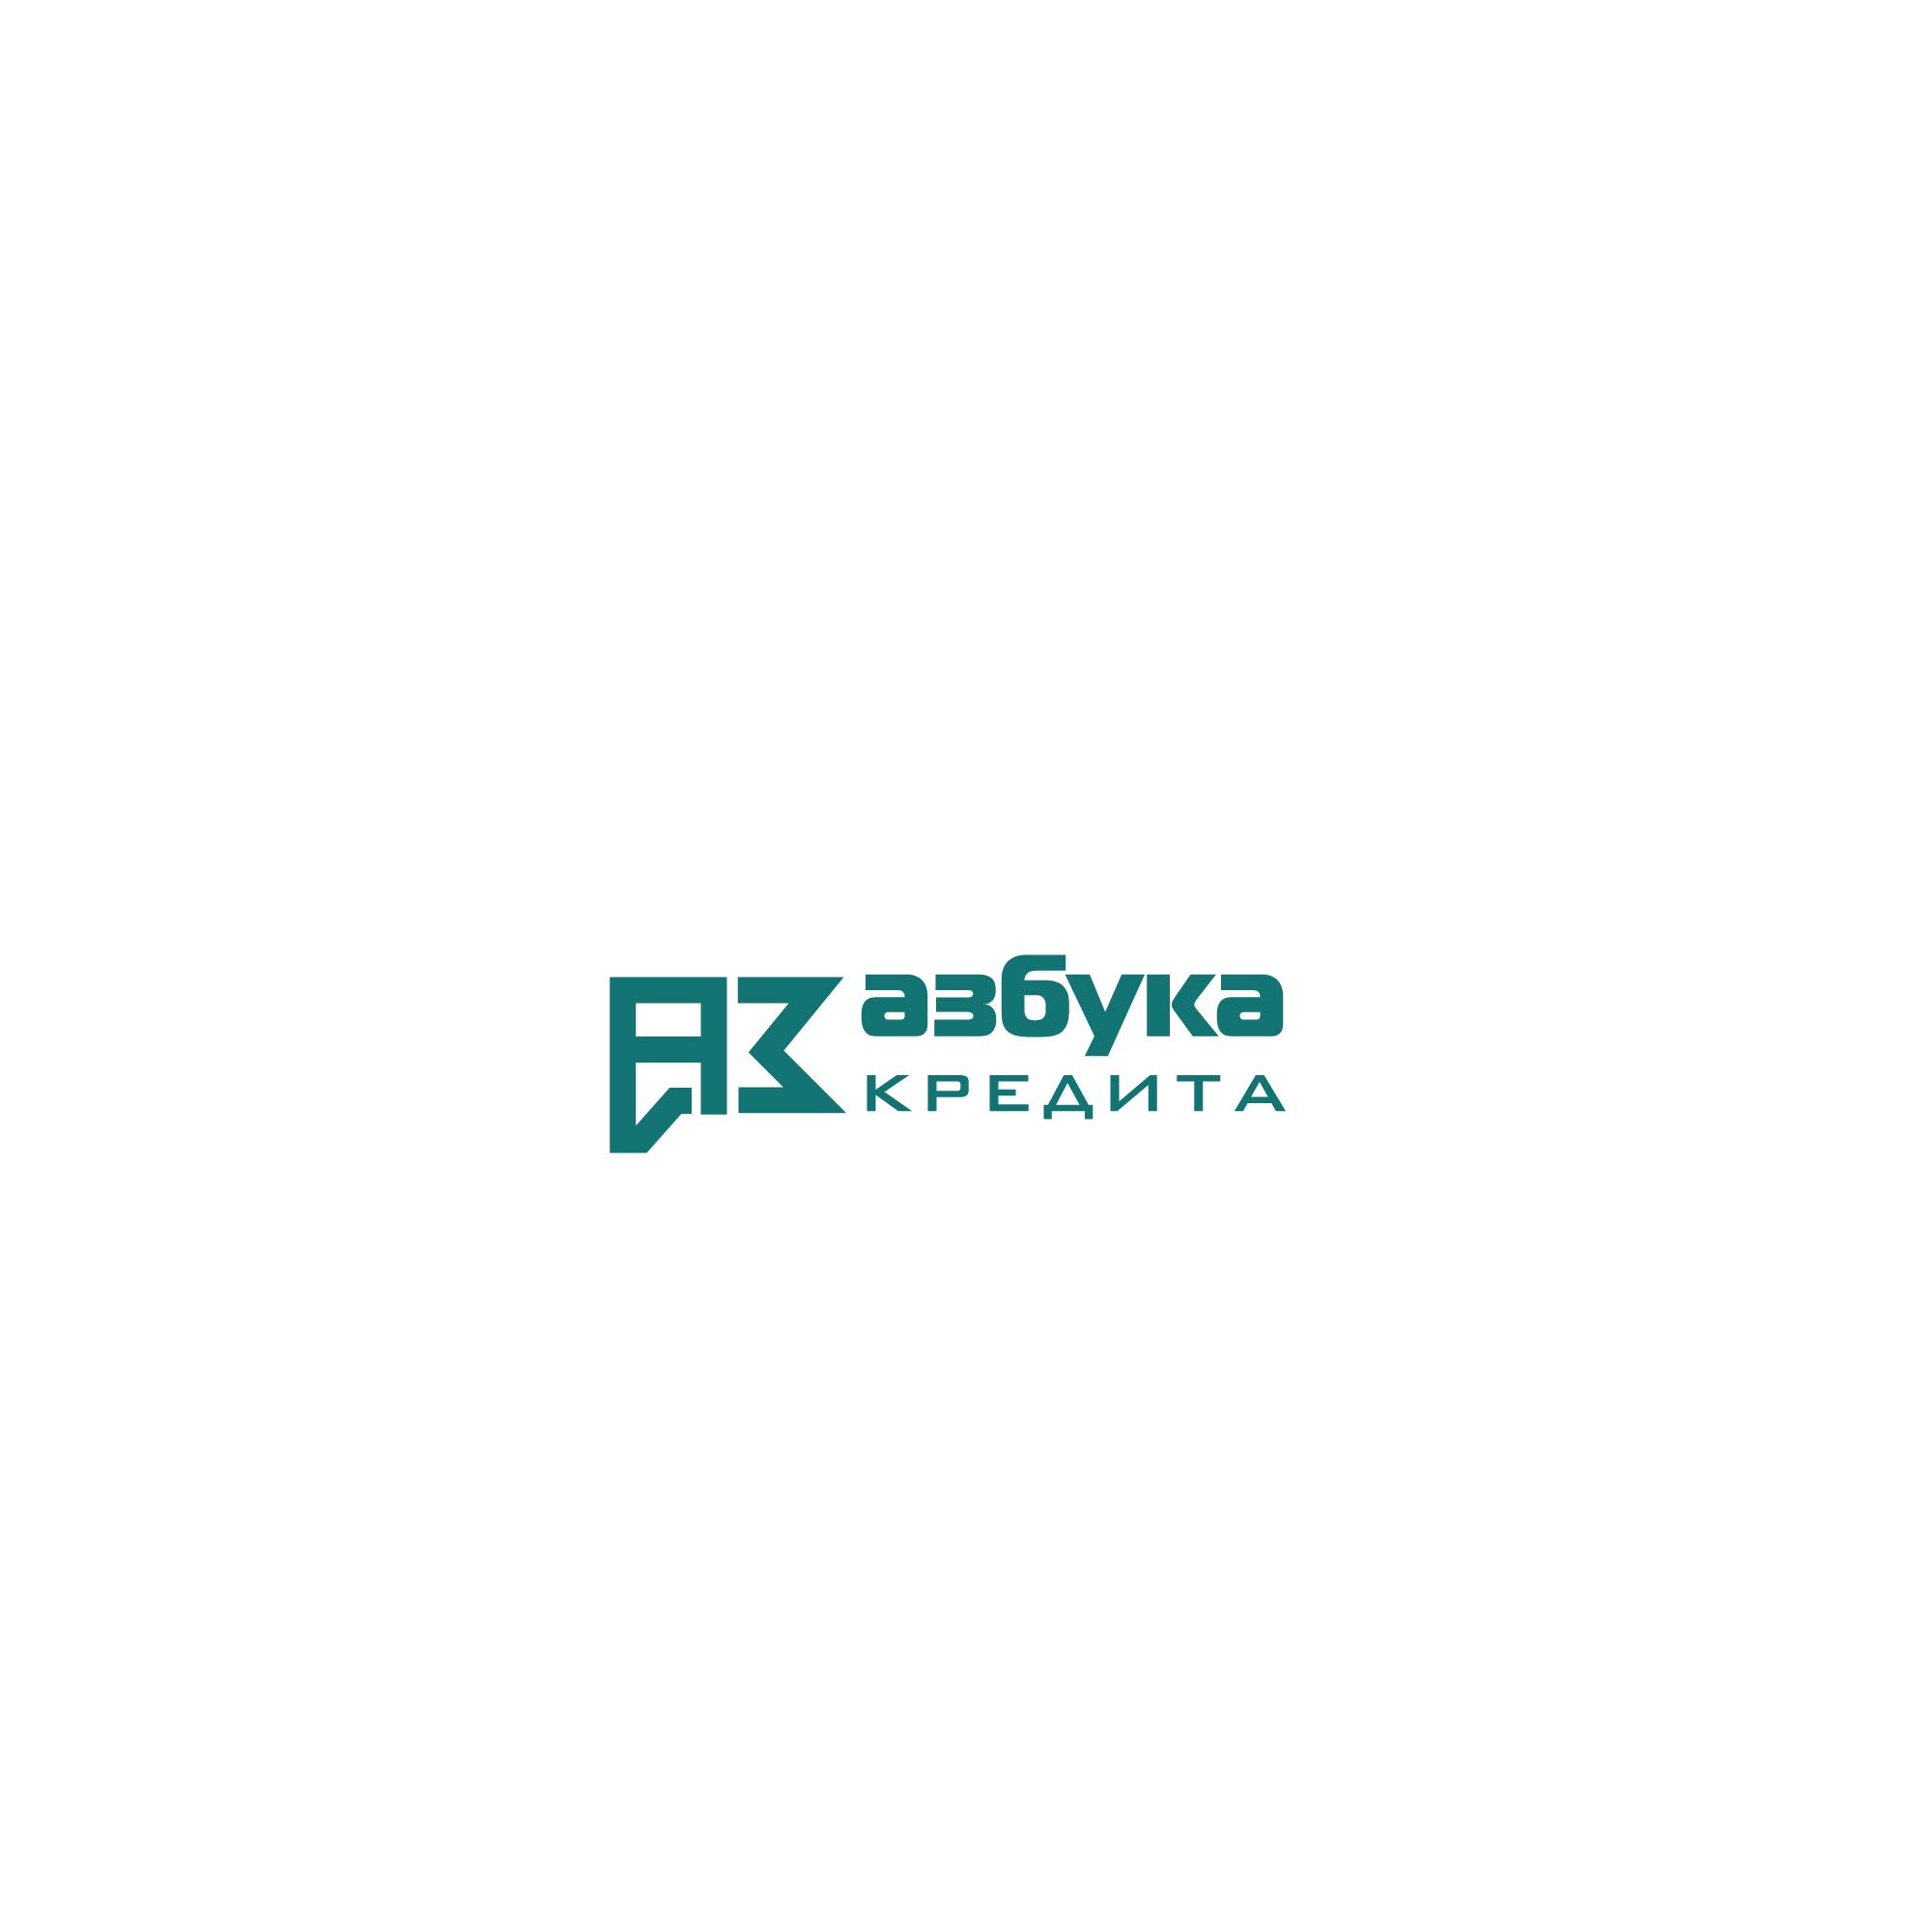 Разработать логотип для финансовой компании фото f_2225de6f2400246a.jpg